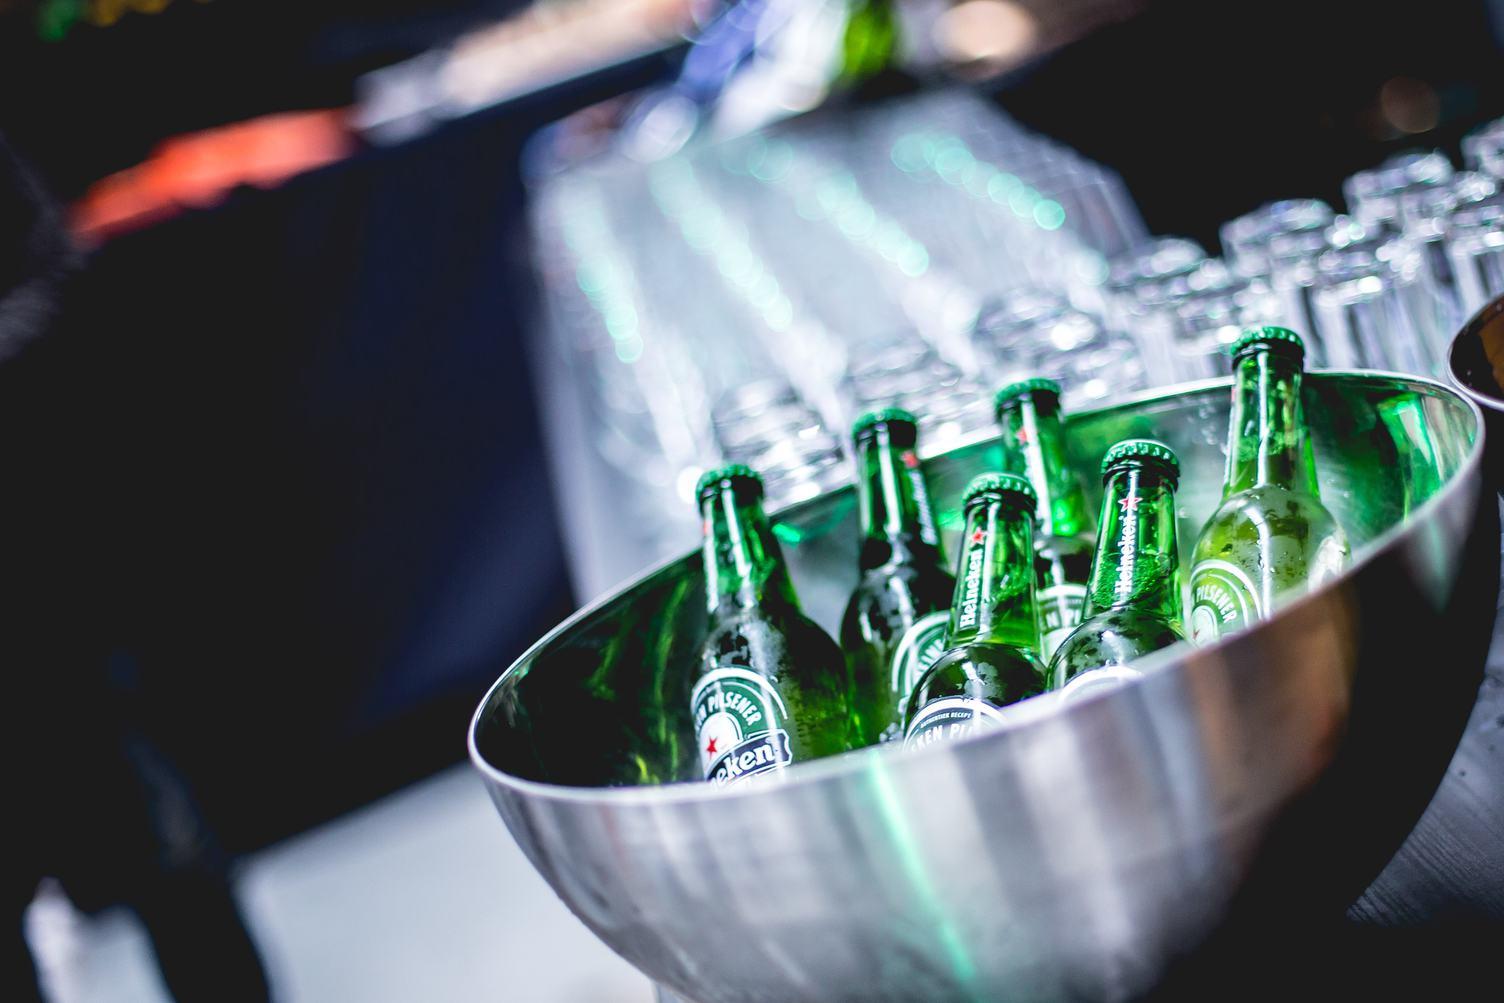 Green Bottle of Heineken Beer